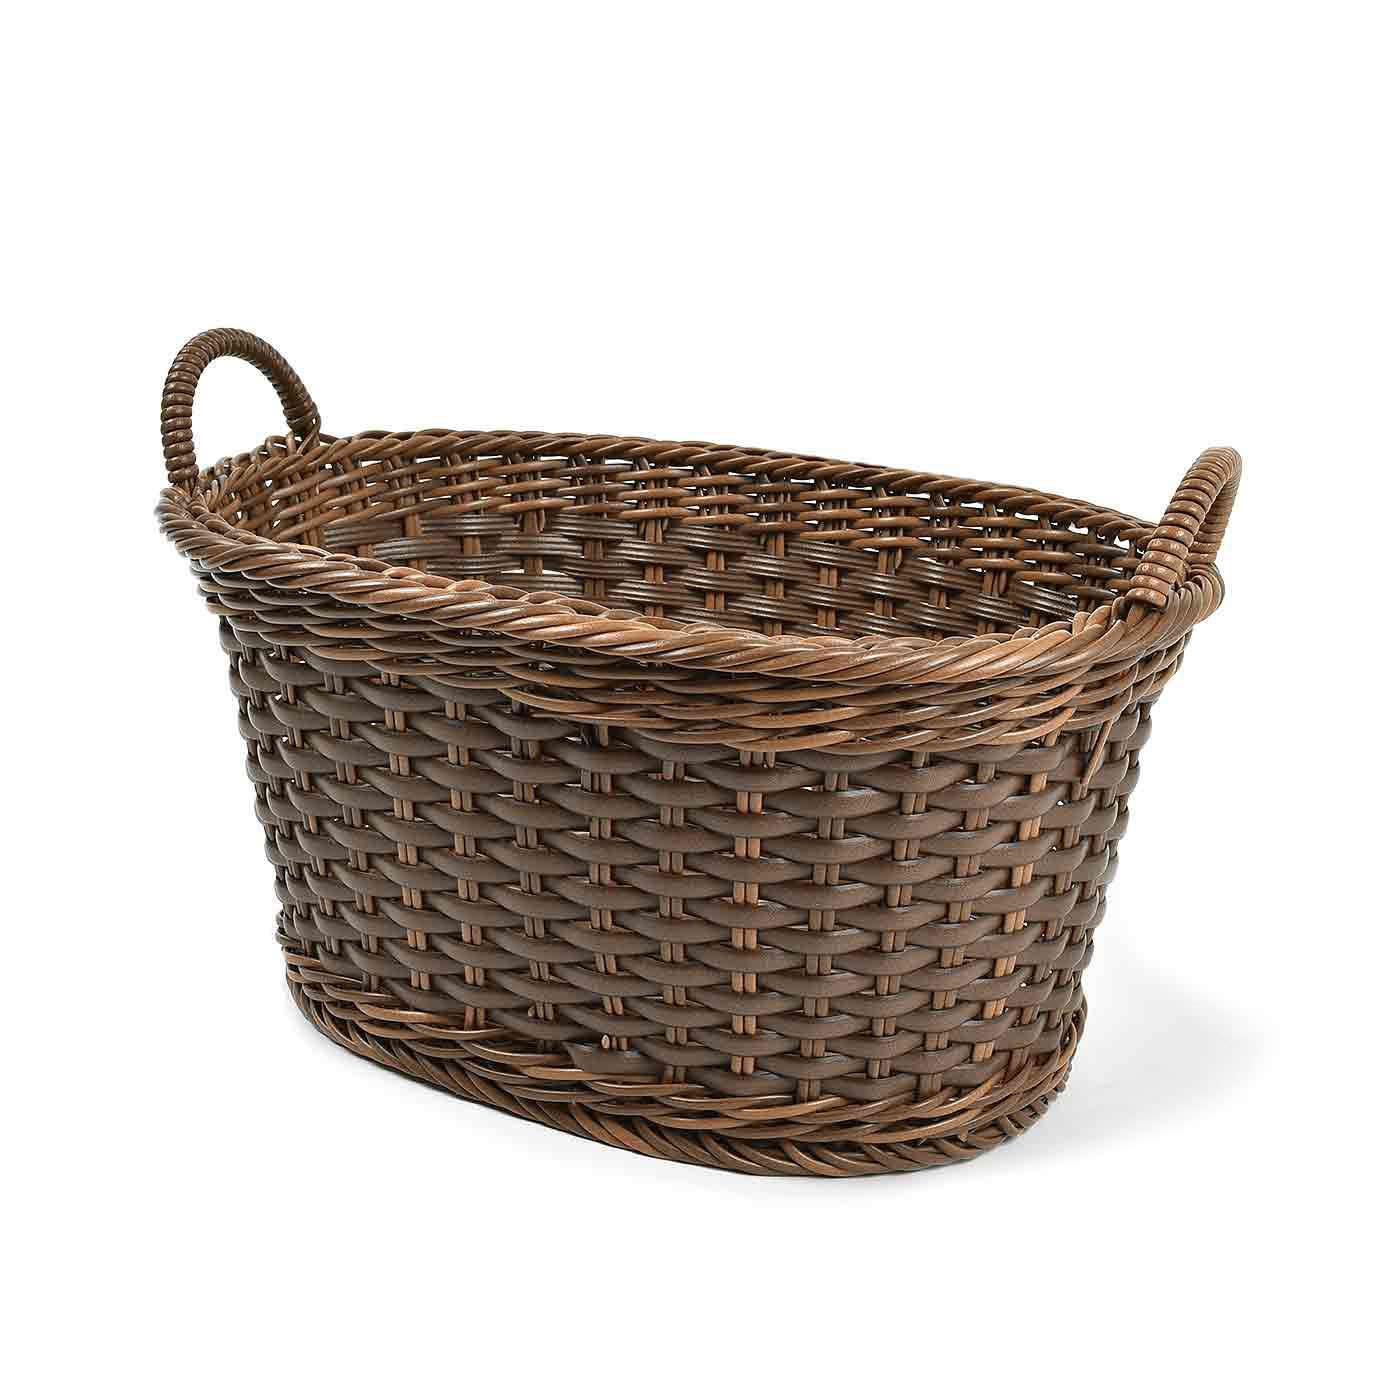 アンティークのようなたたずまい タフに使える手編みバスケットの会